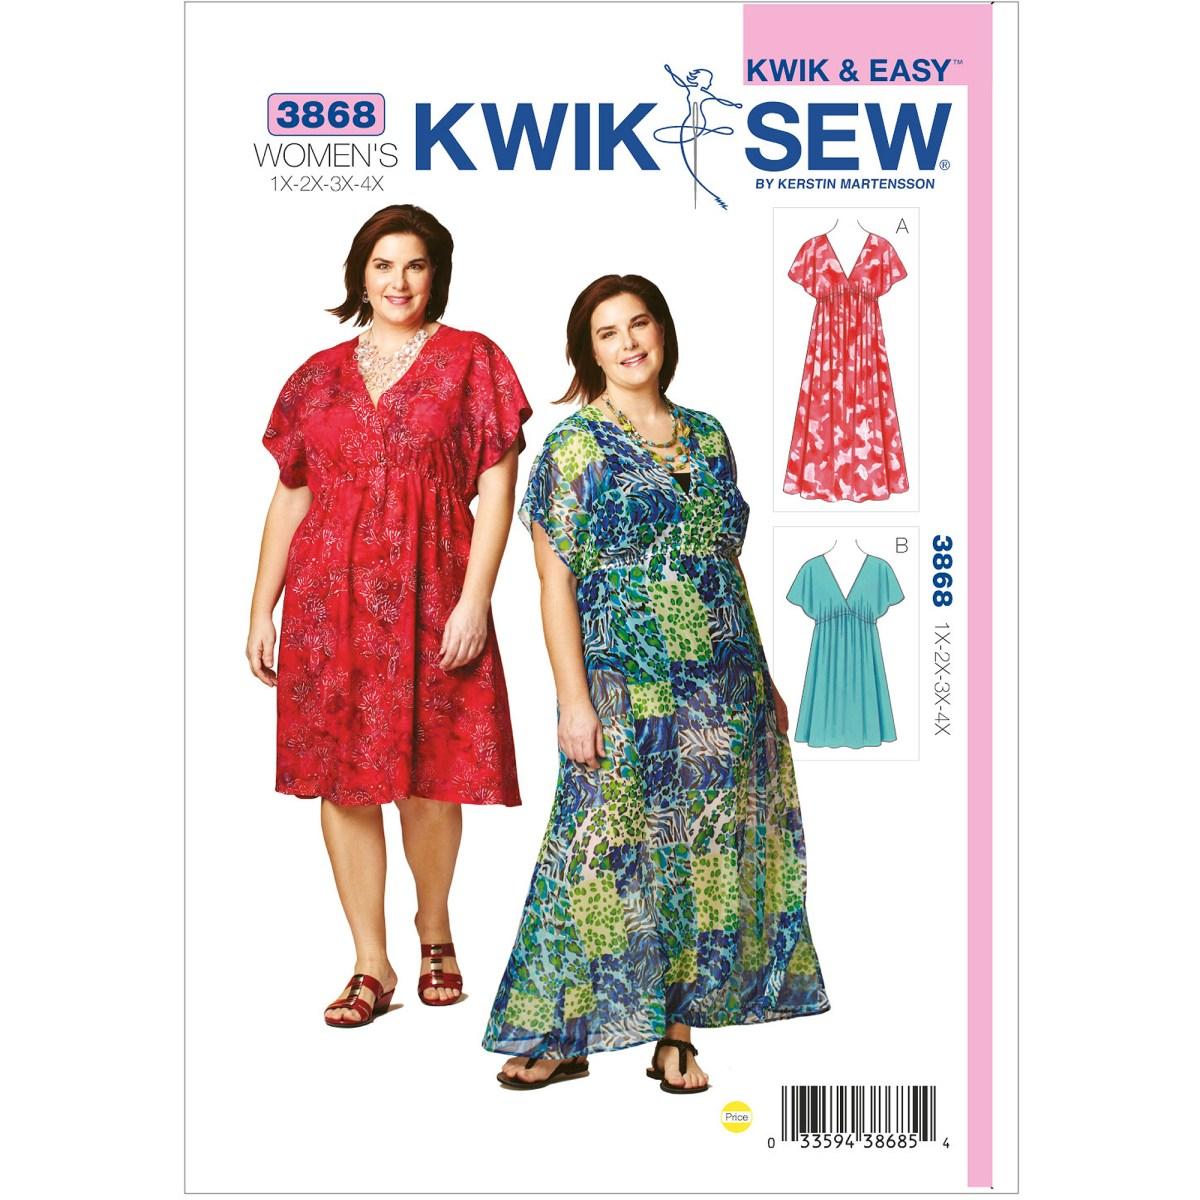 Quick Sew Patterns Kwik Sew Pattern Doll Clothes Fits 18 Dolls Walmart